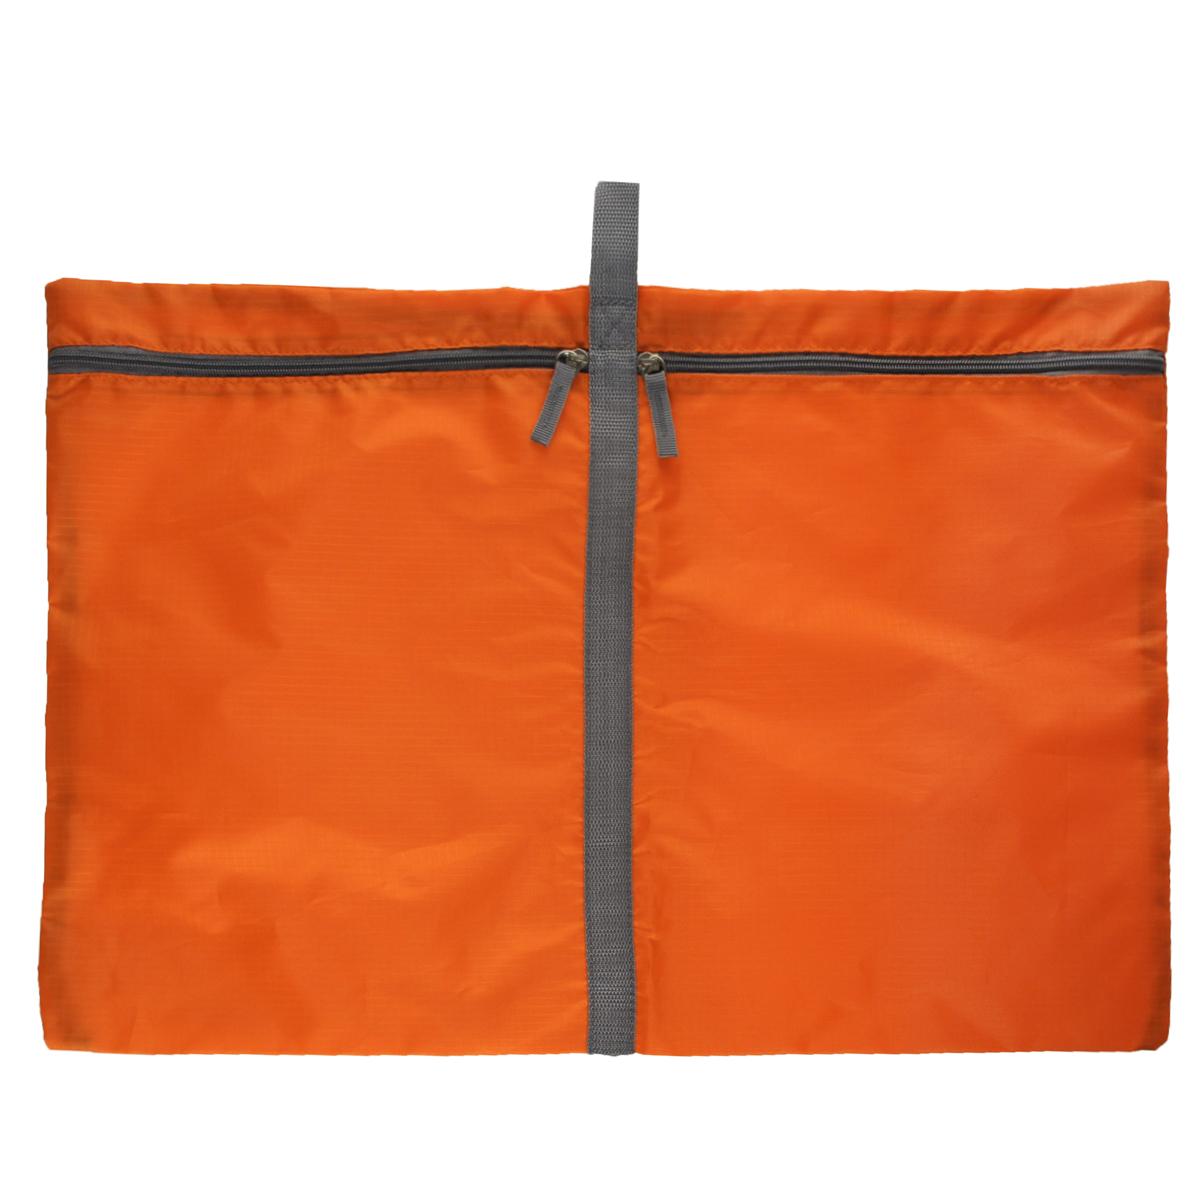 Чехол для белья Hausmann, 60 см х 40 см3X-306Удобный чехол Hausmann, выполненный из прочного дышащего и водонепроницаемого материала, обеспечит надежное хранение вашего белья, защитит от повреждений во время хранения и транспортировки. Особая фактура ткани не пропускает пыль и при этом позволяет воздуху свободно проникать внутрь, обеспечивая естественную вентиляцию. Чехла имеют петлю, за которую его можно повесить. Чехол разделен на два отделения, которые закрываются на молнию. Он будет незаменим в командировке или бизнес-поездке.